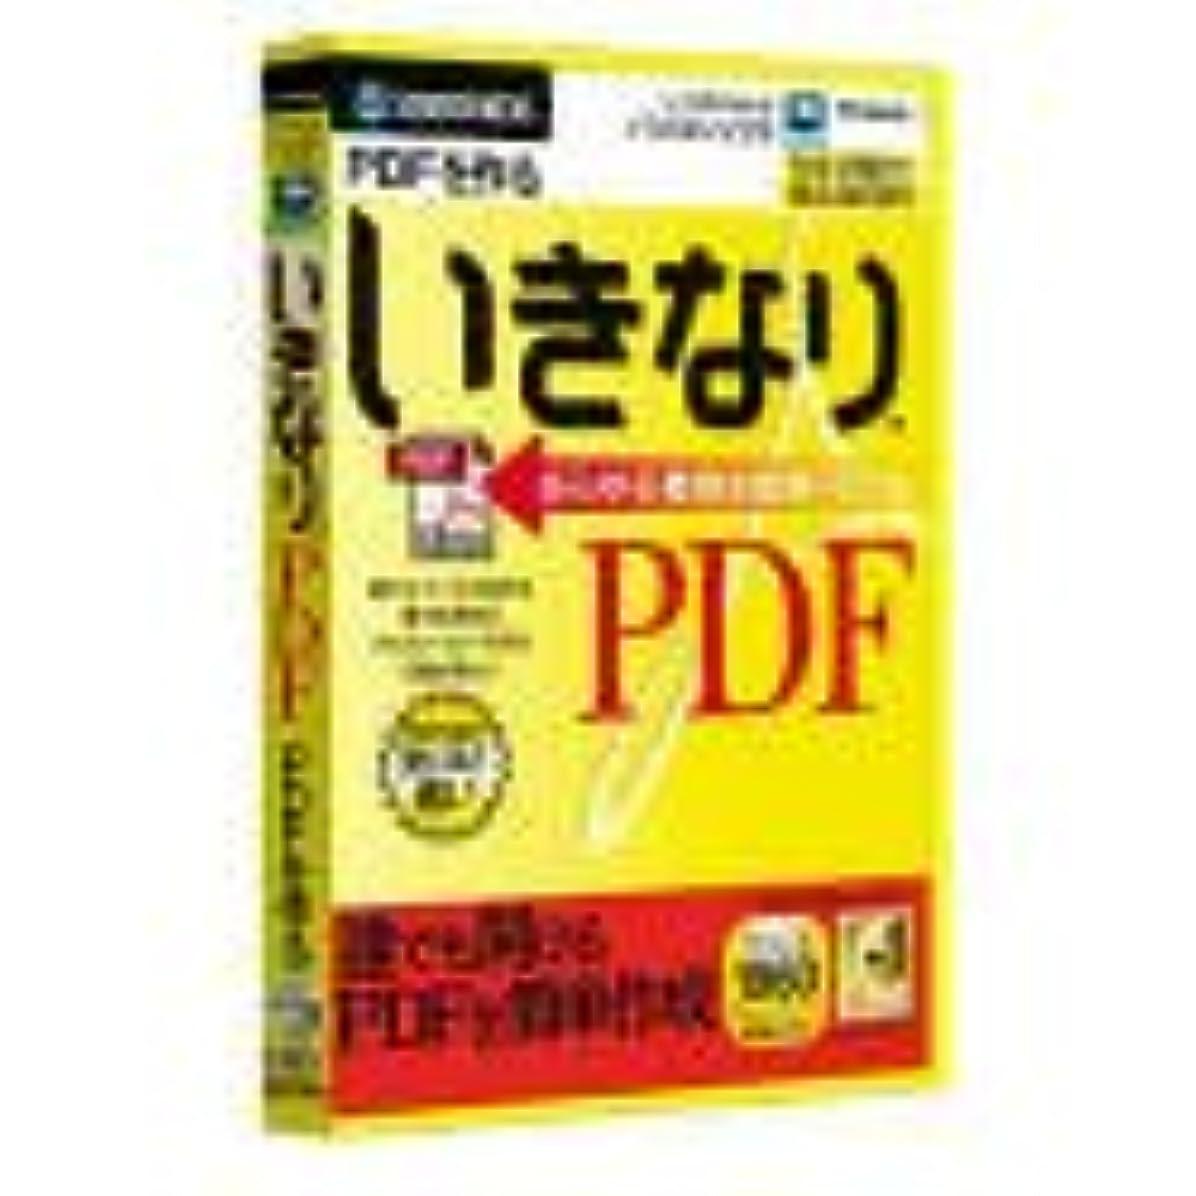 ディーラー意外トリプルいきなりPDF (スリムパッケージ版)